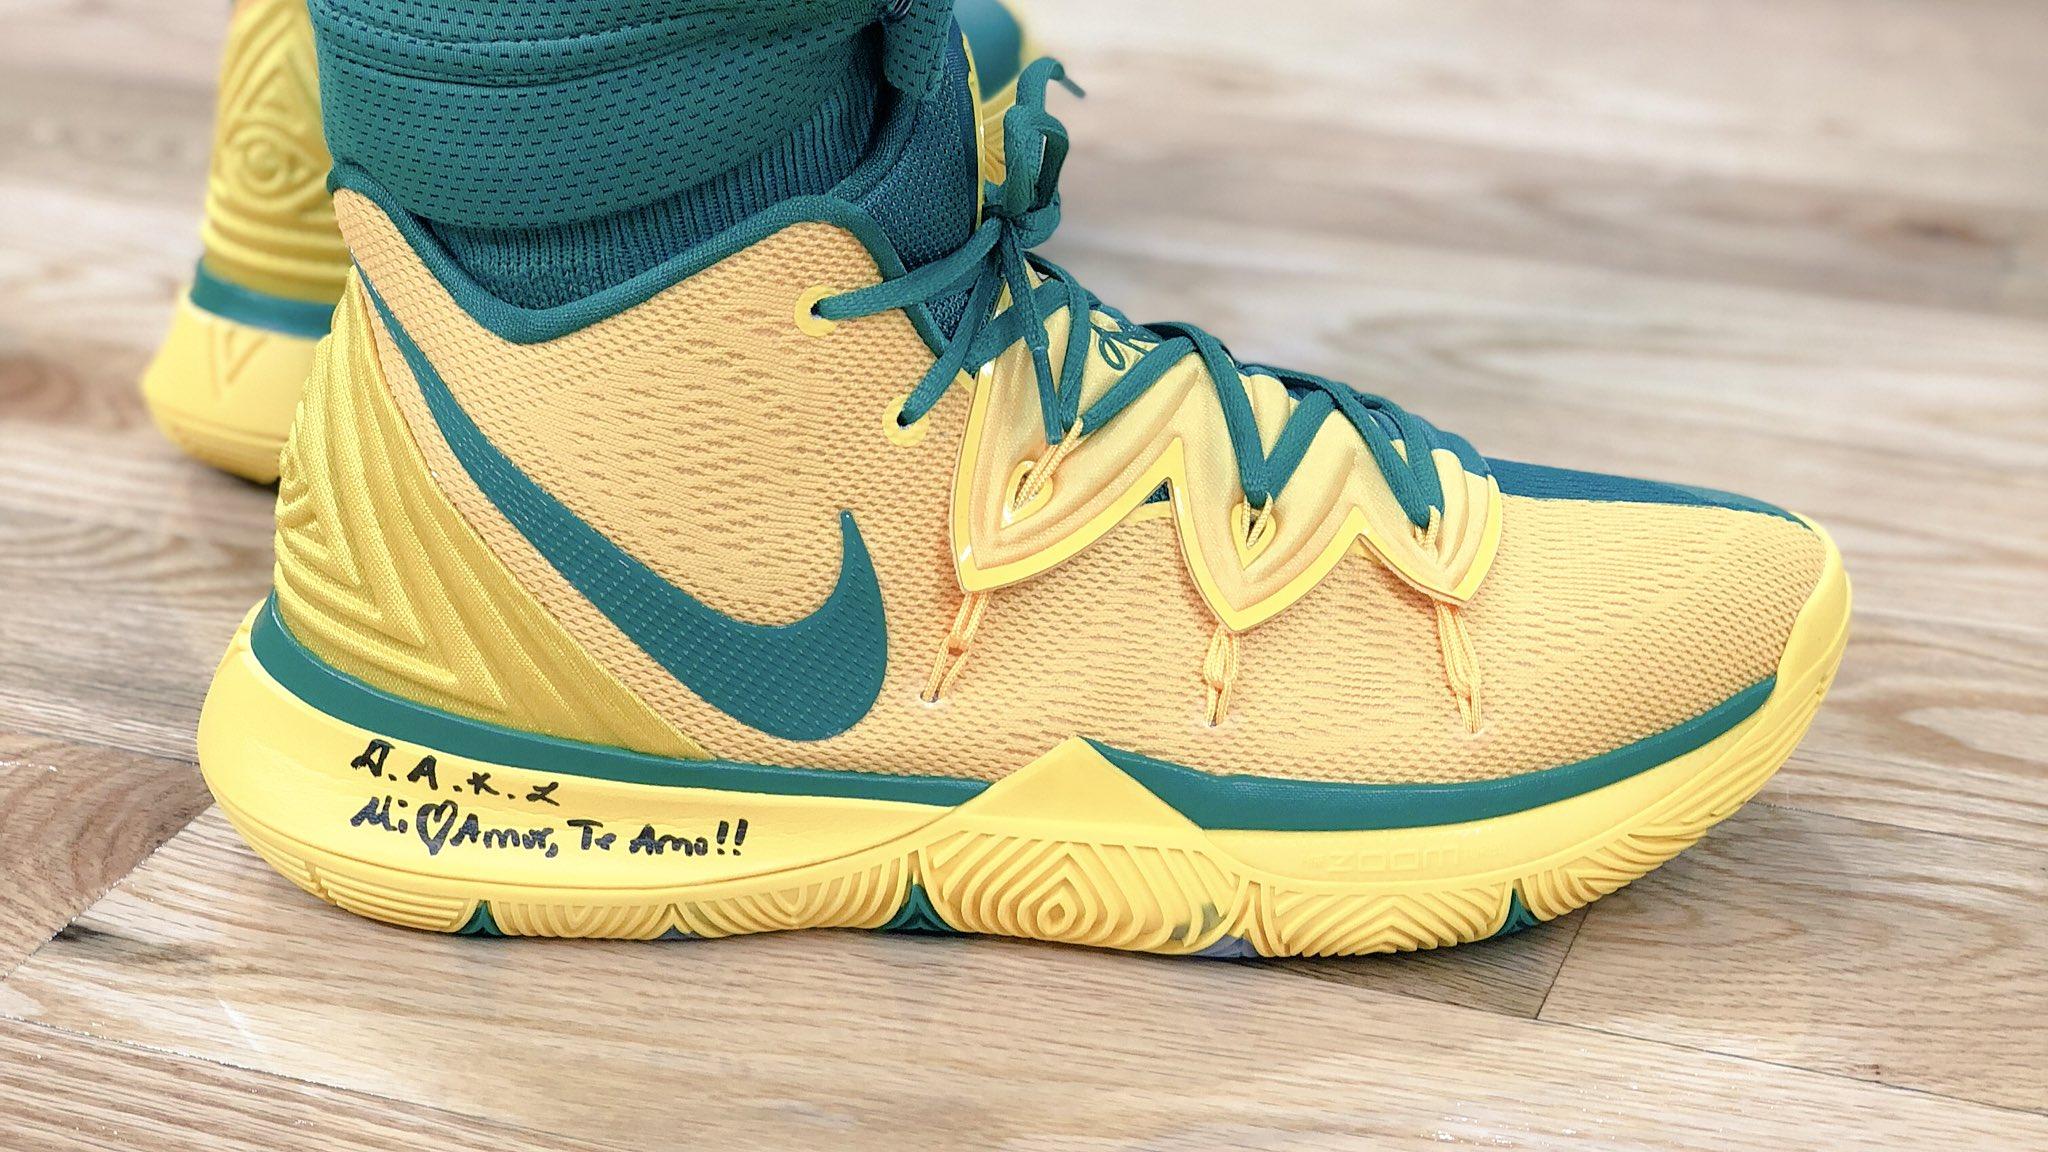 Kyrie Irving's #NBAKicks.  ��: @NBATV https://t.co/2DoBtkBP5S